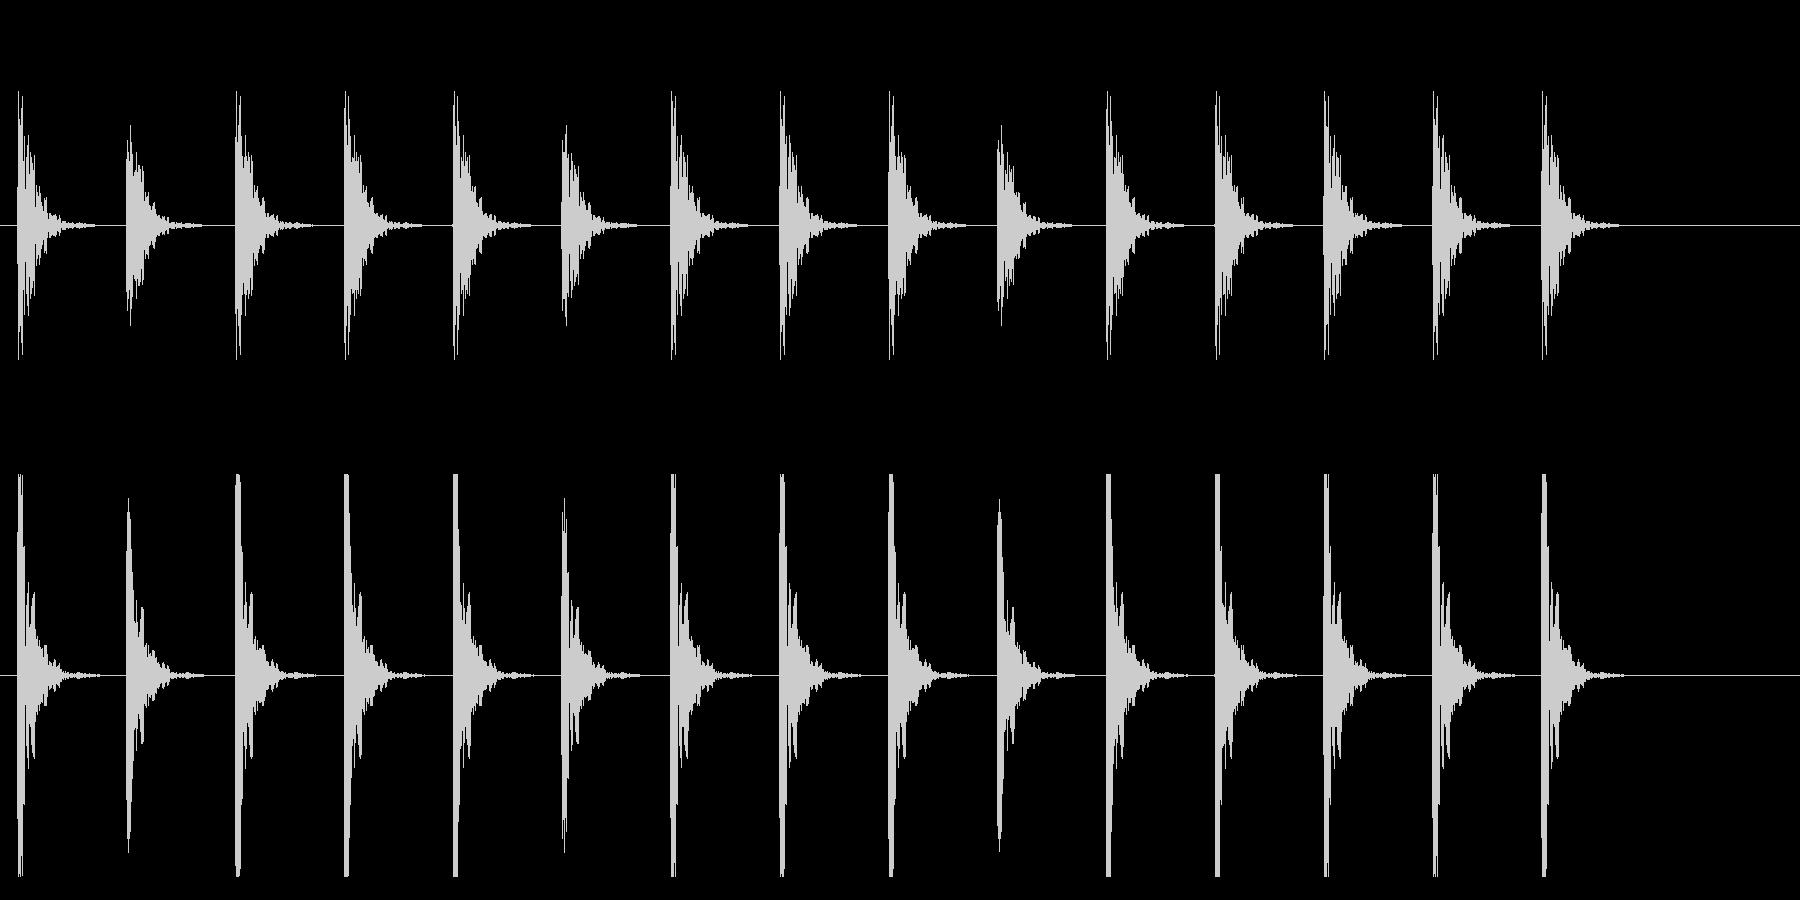 ポクポク1 木魚・シンキングタイム10秒の未再生の波形